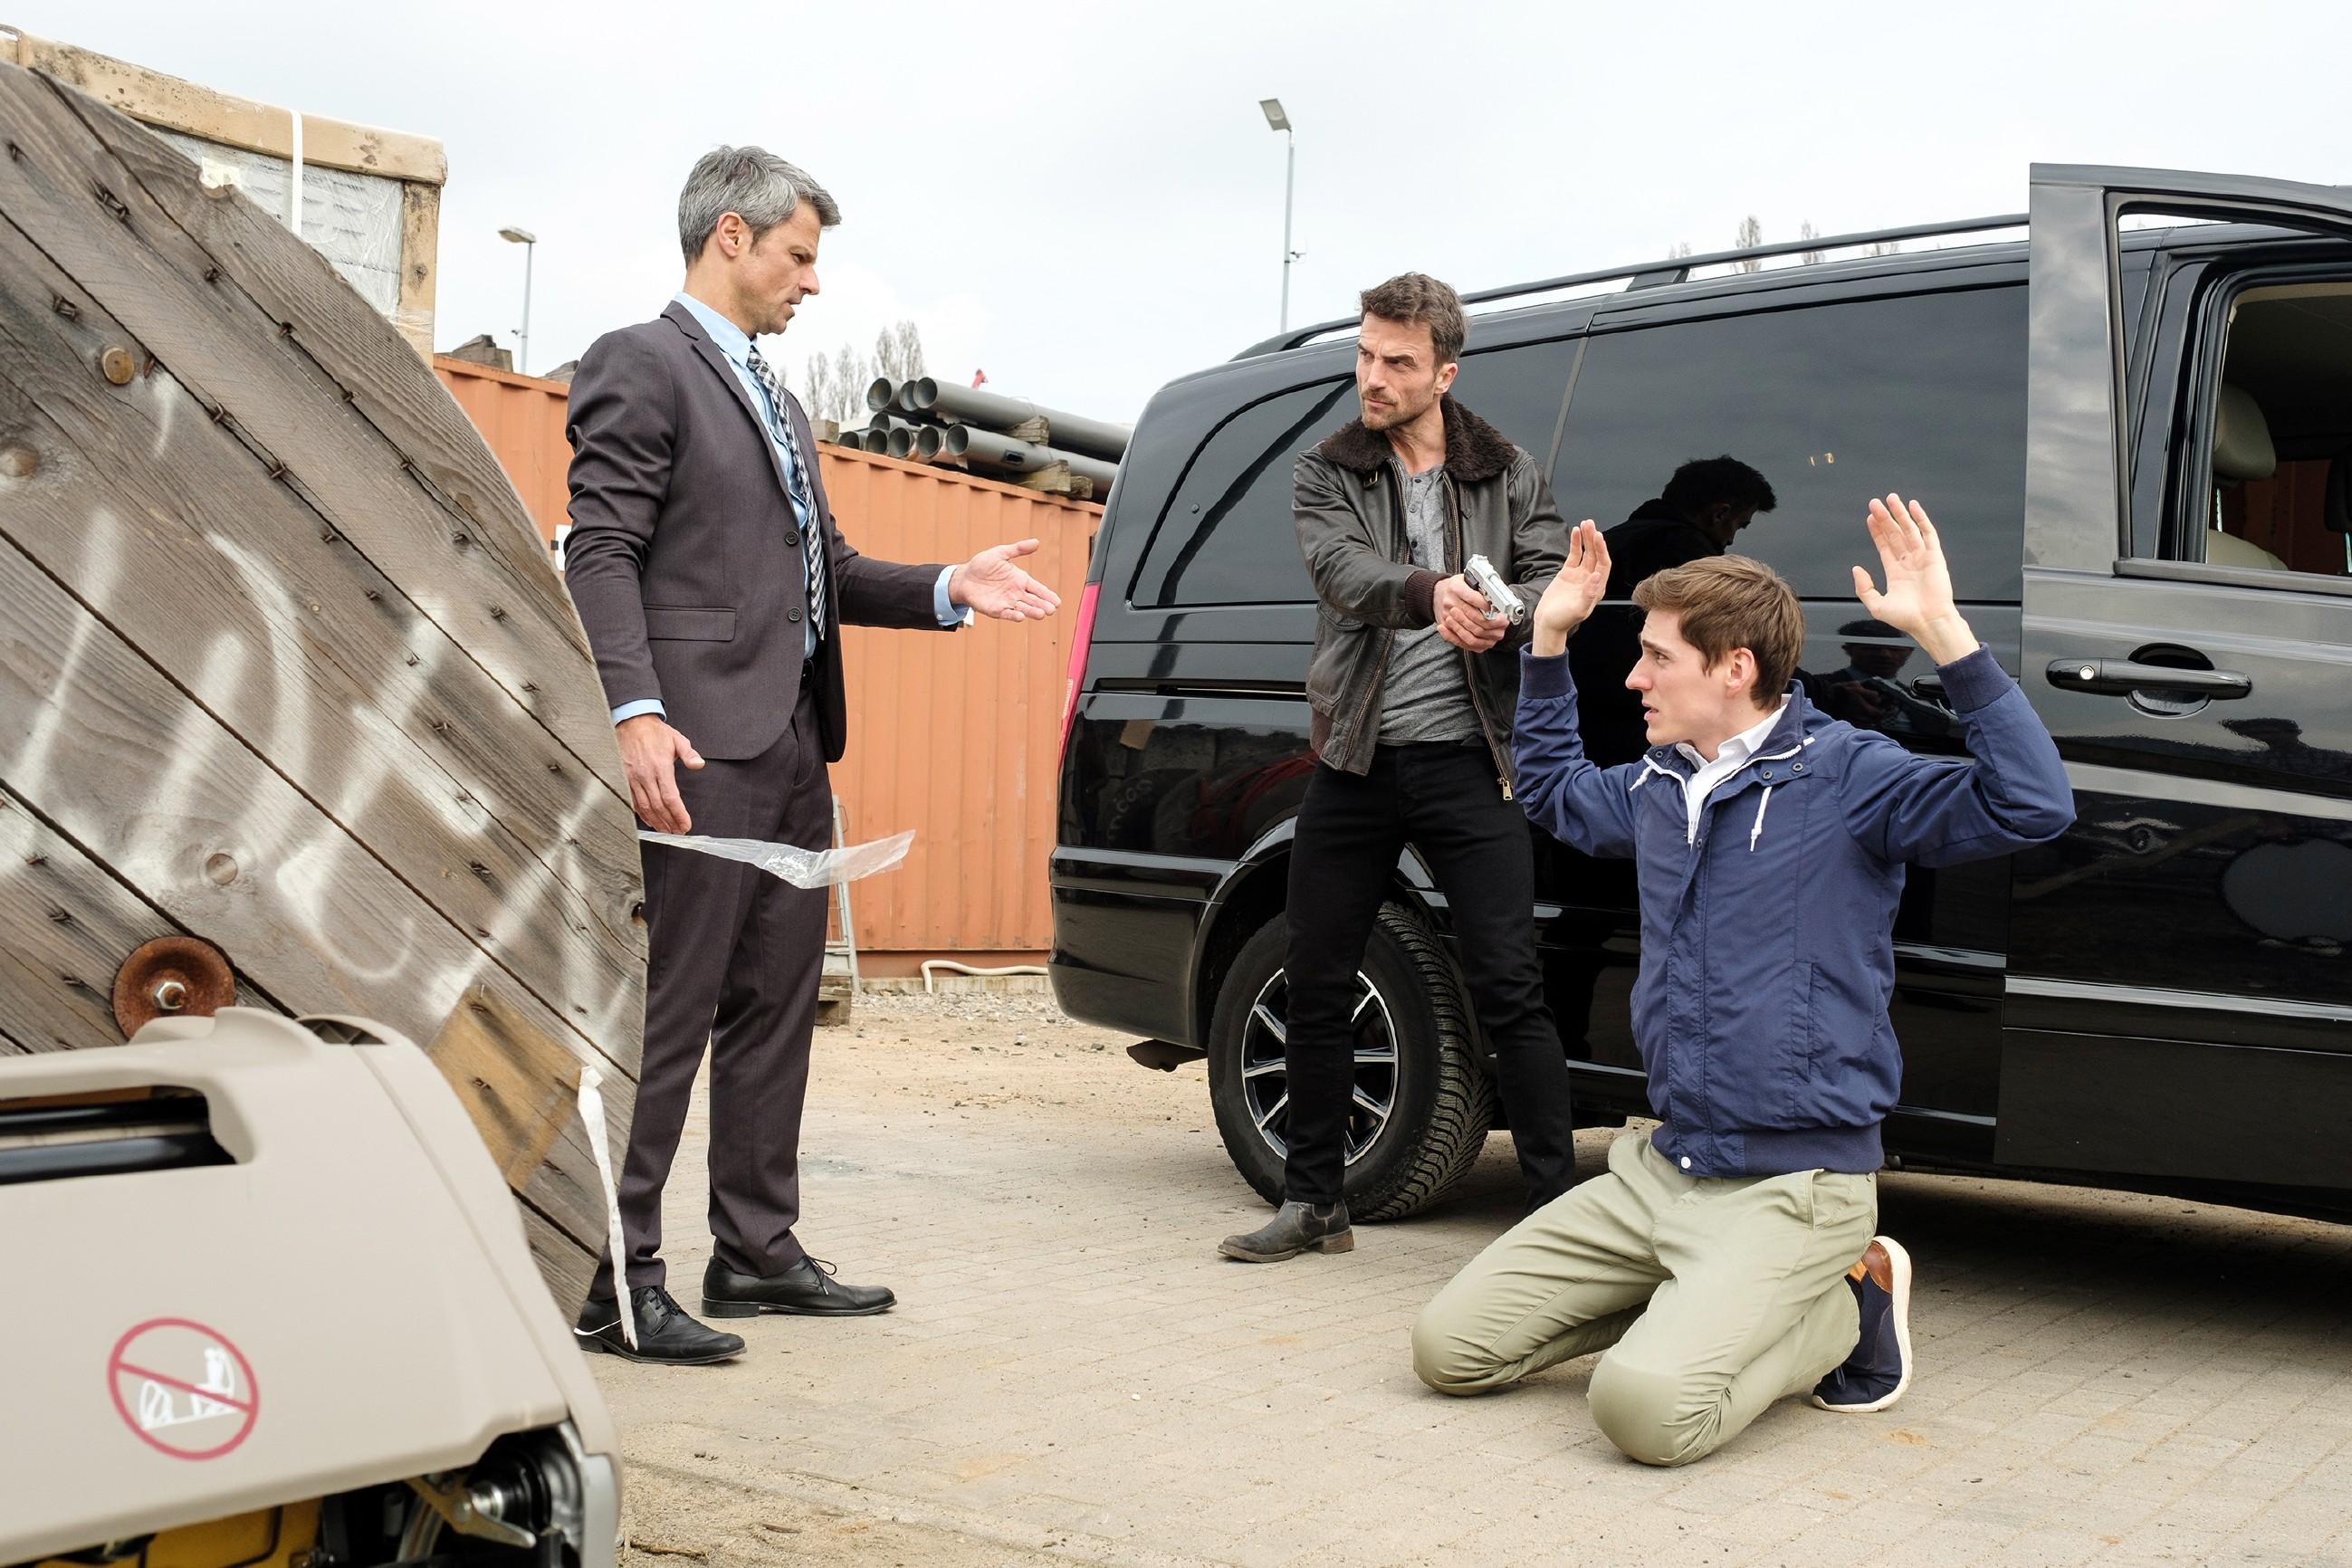 Benedikt (Jens Hajek, l.) und Ringo (Timothy Boldt, r.) geraten in eine gefährliche Situation, als Langer (Robert Ritter) droht, sie zu erschießen... (Quelle: RTL / Stefan Behrens)